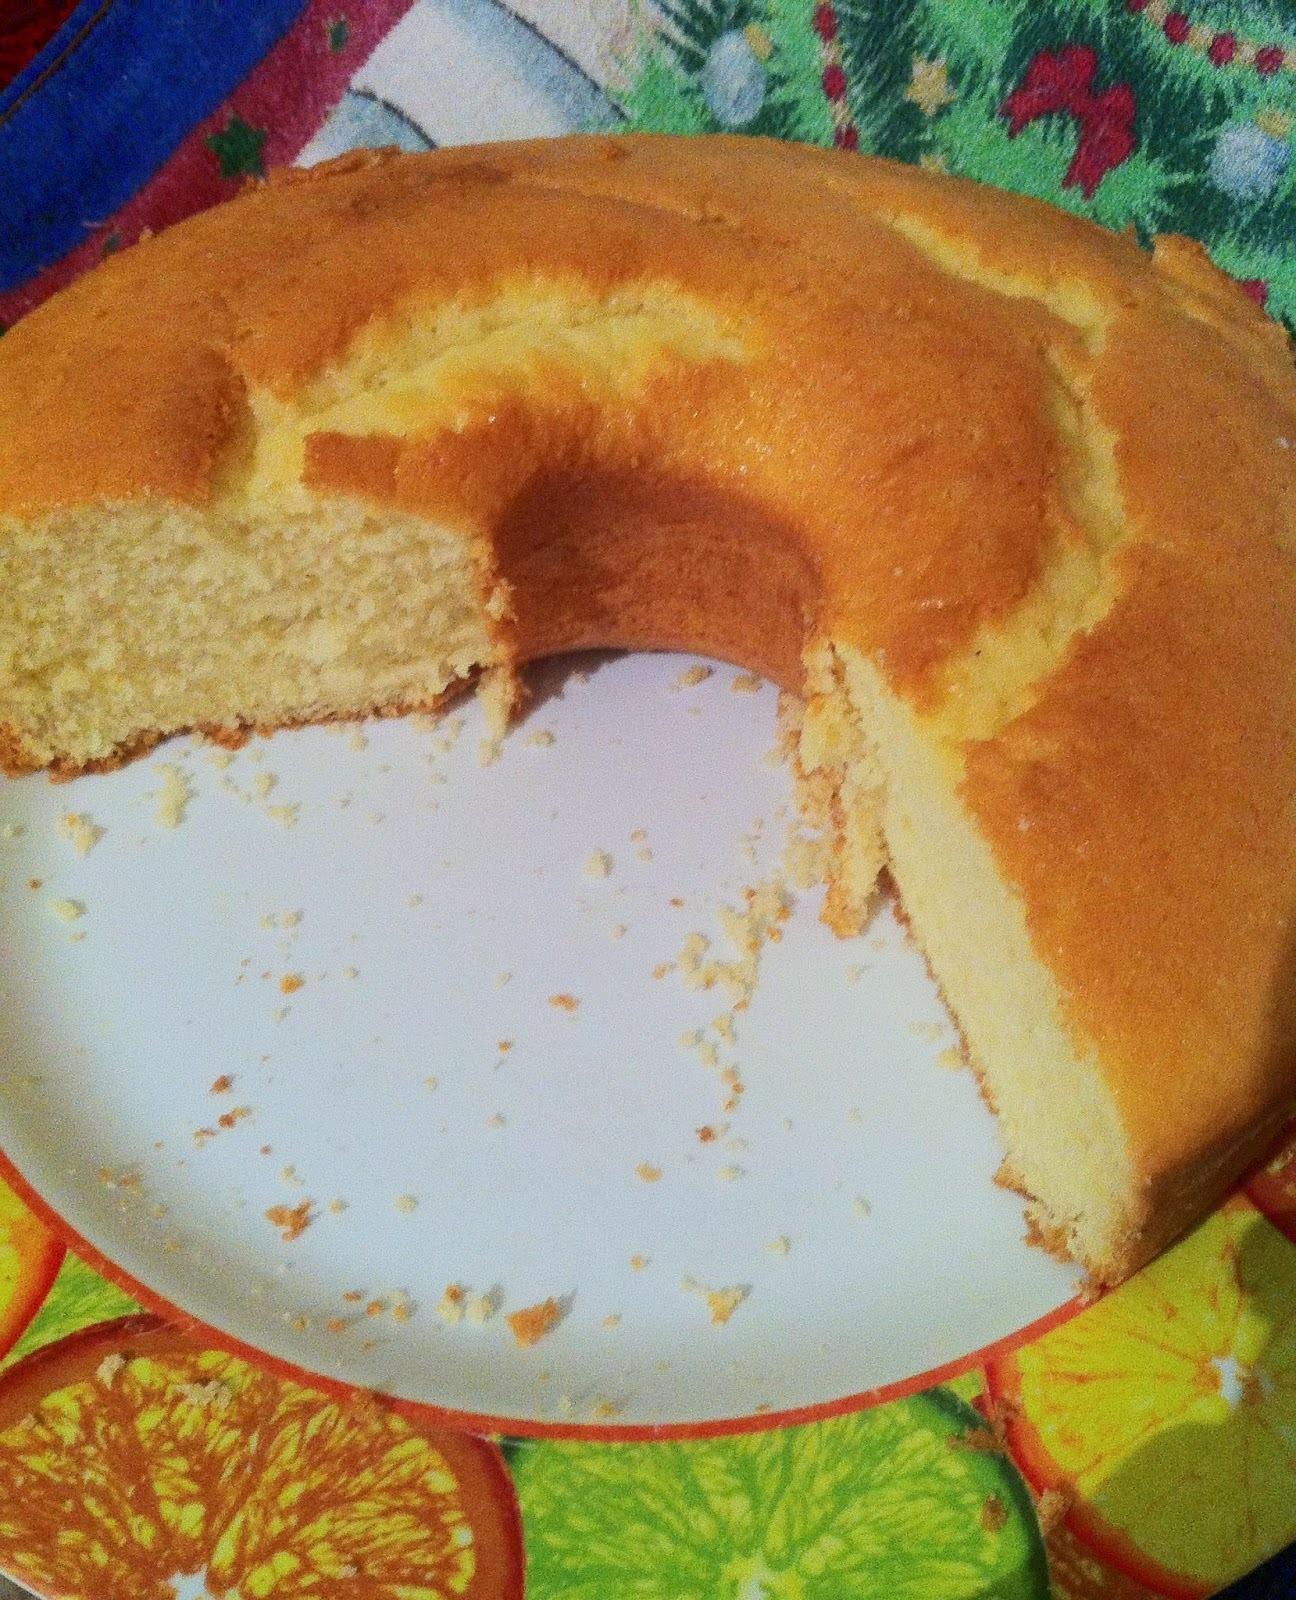 de bolo simples com maizena sem leite